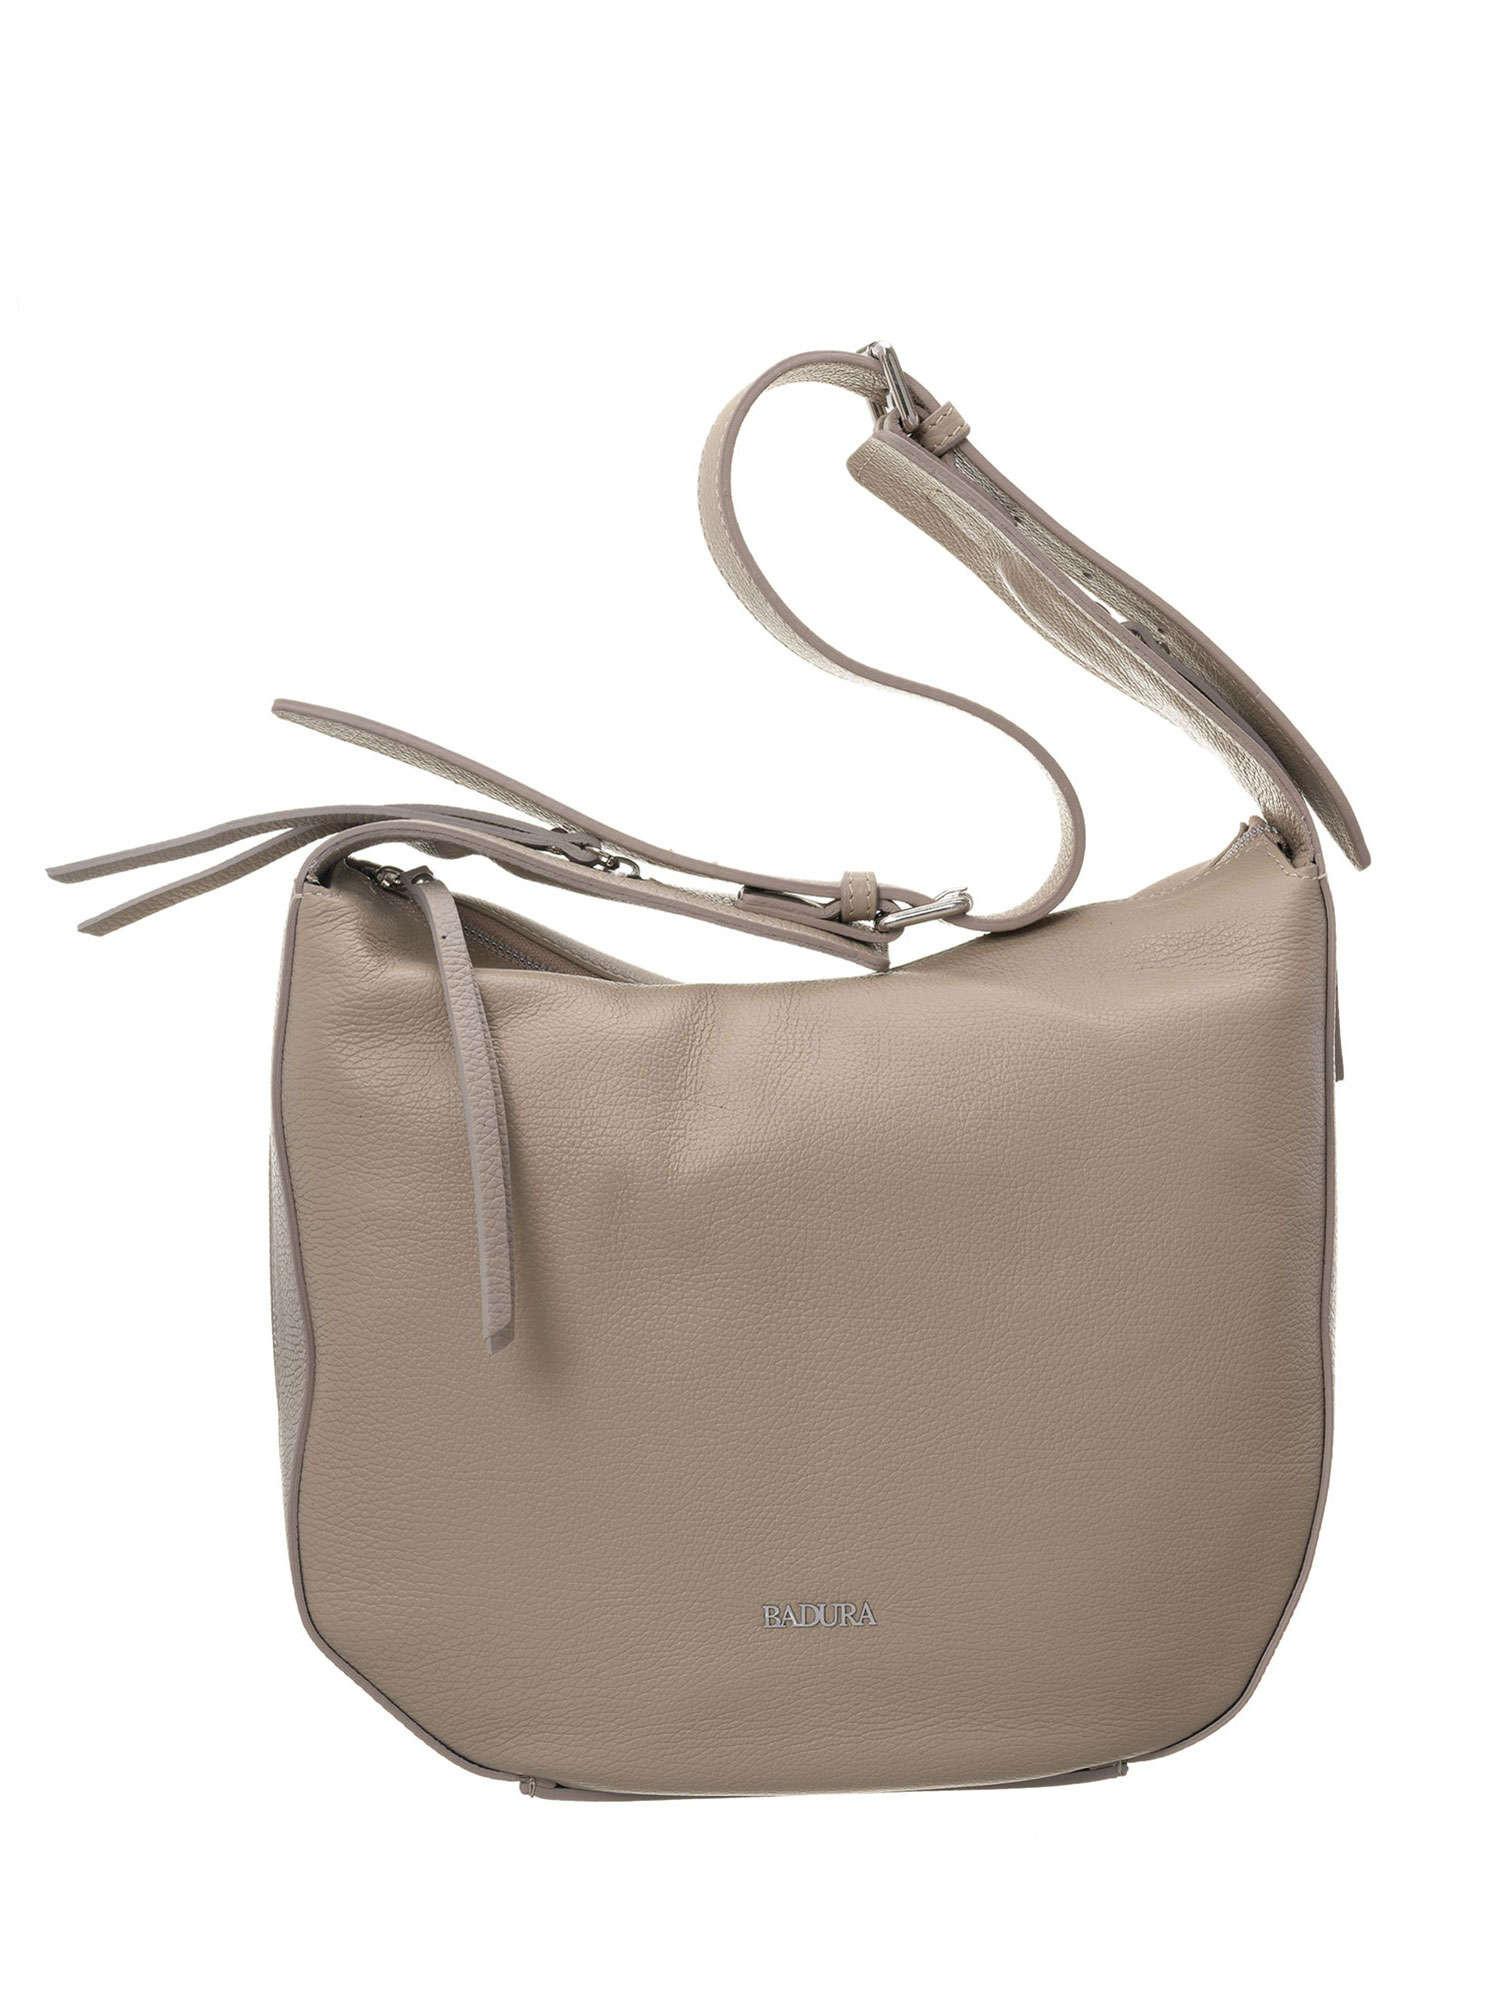 Dámska béžová kožená taška Badura ONE SIZE